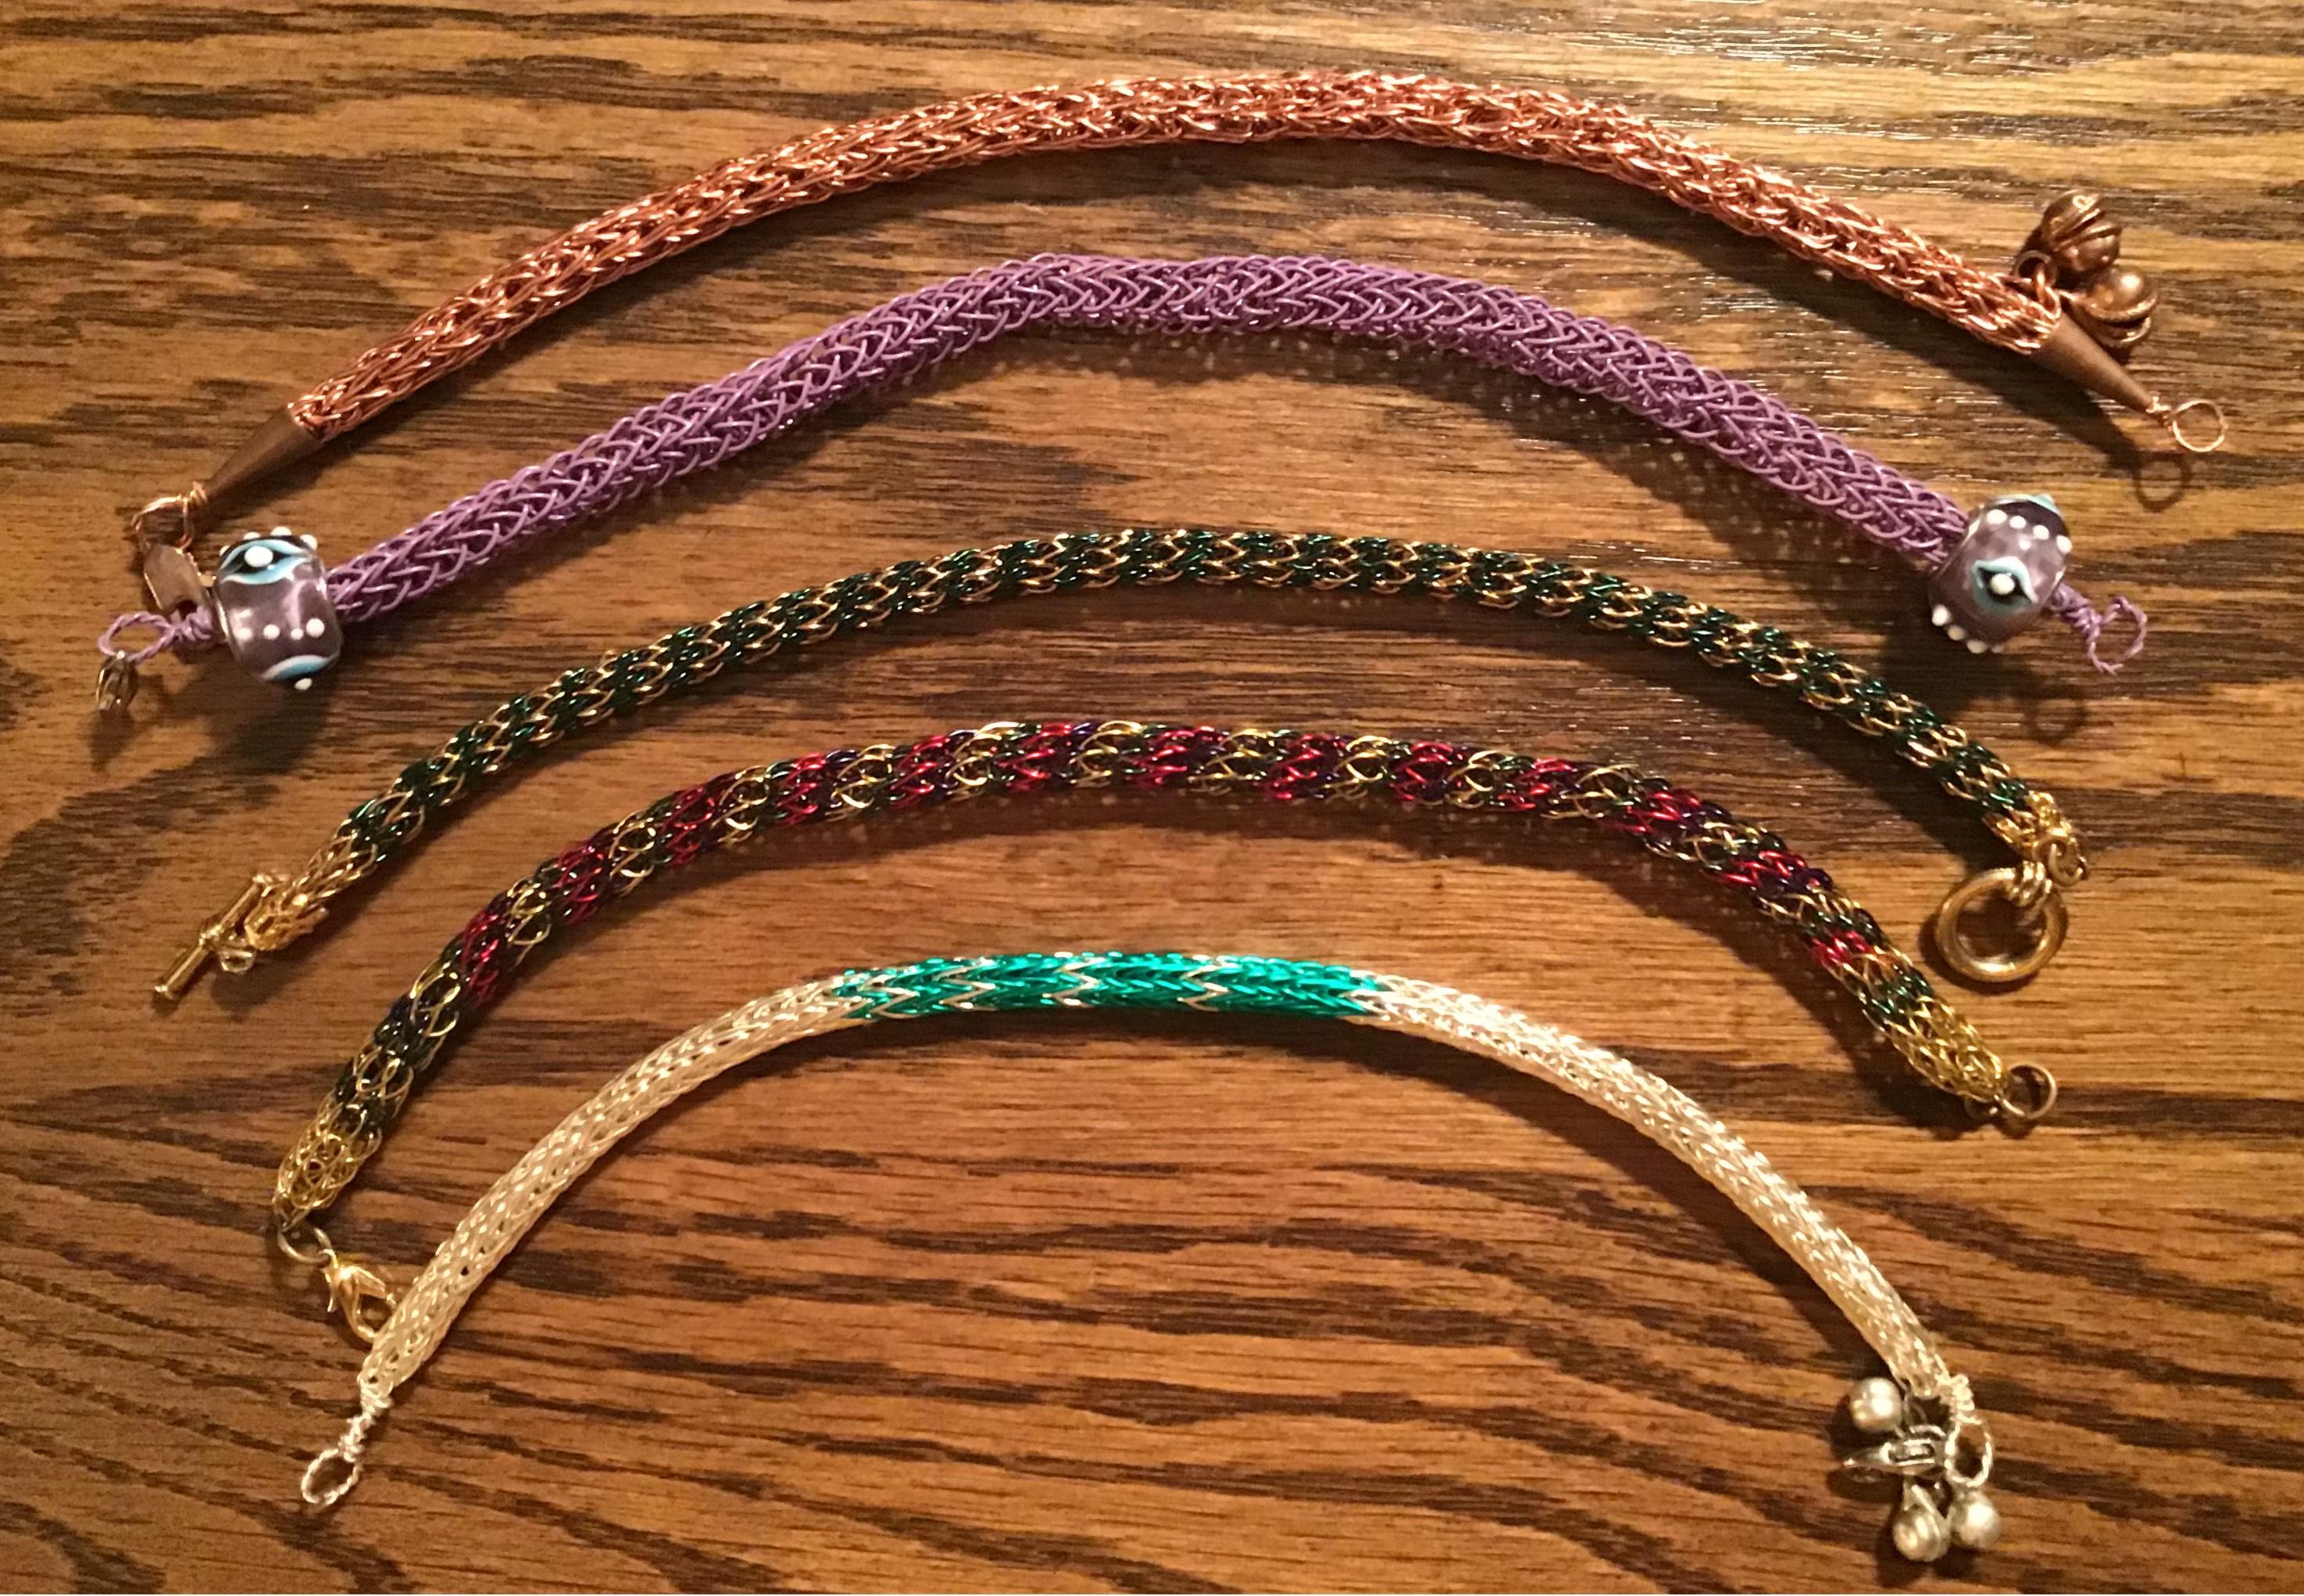 VW bracelets